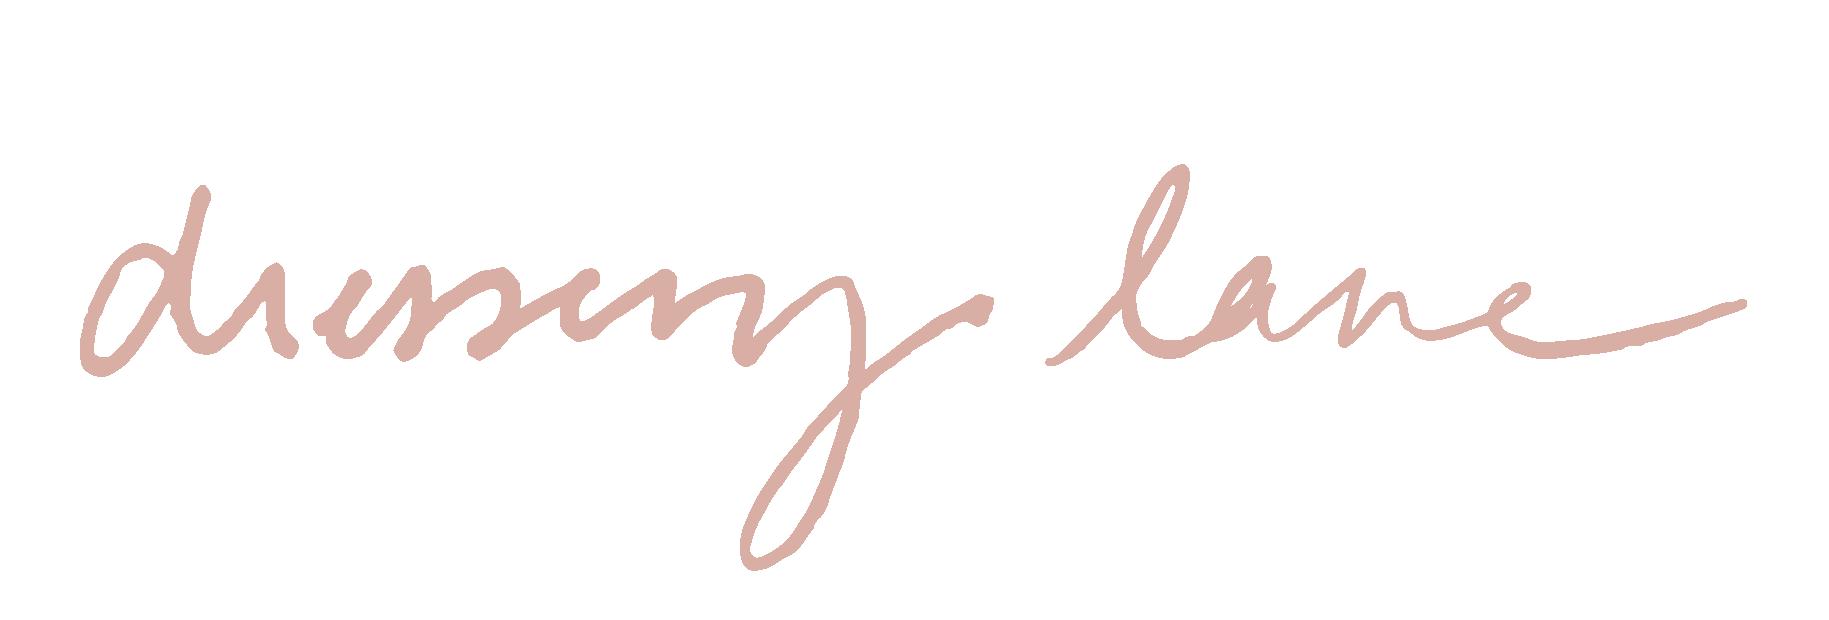 Dressery-Lane-BOUTIQUE-Logo_Khaki-Rose.png